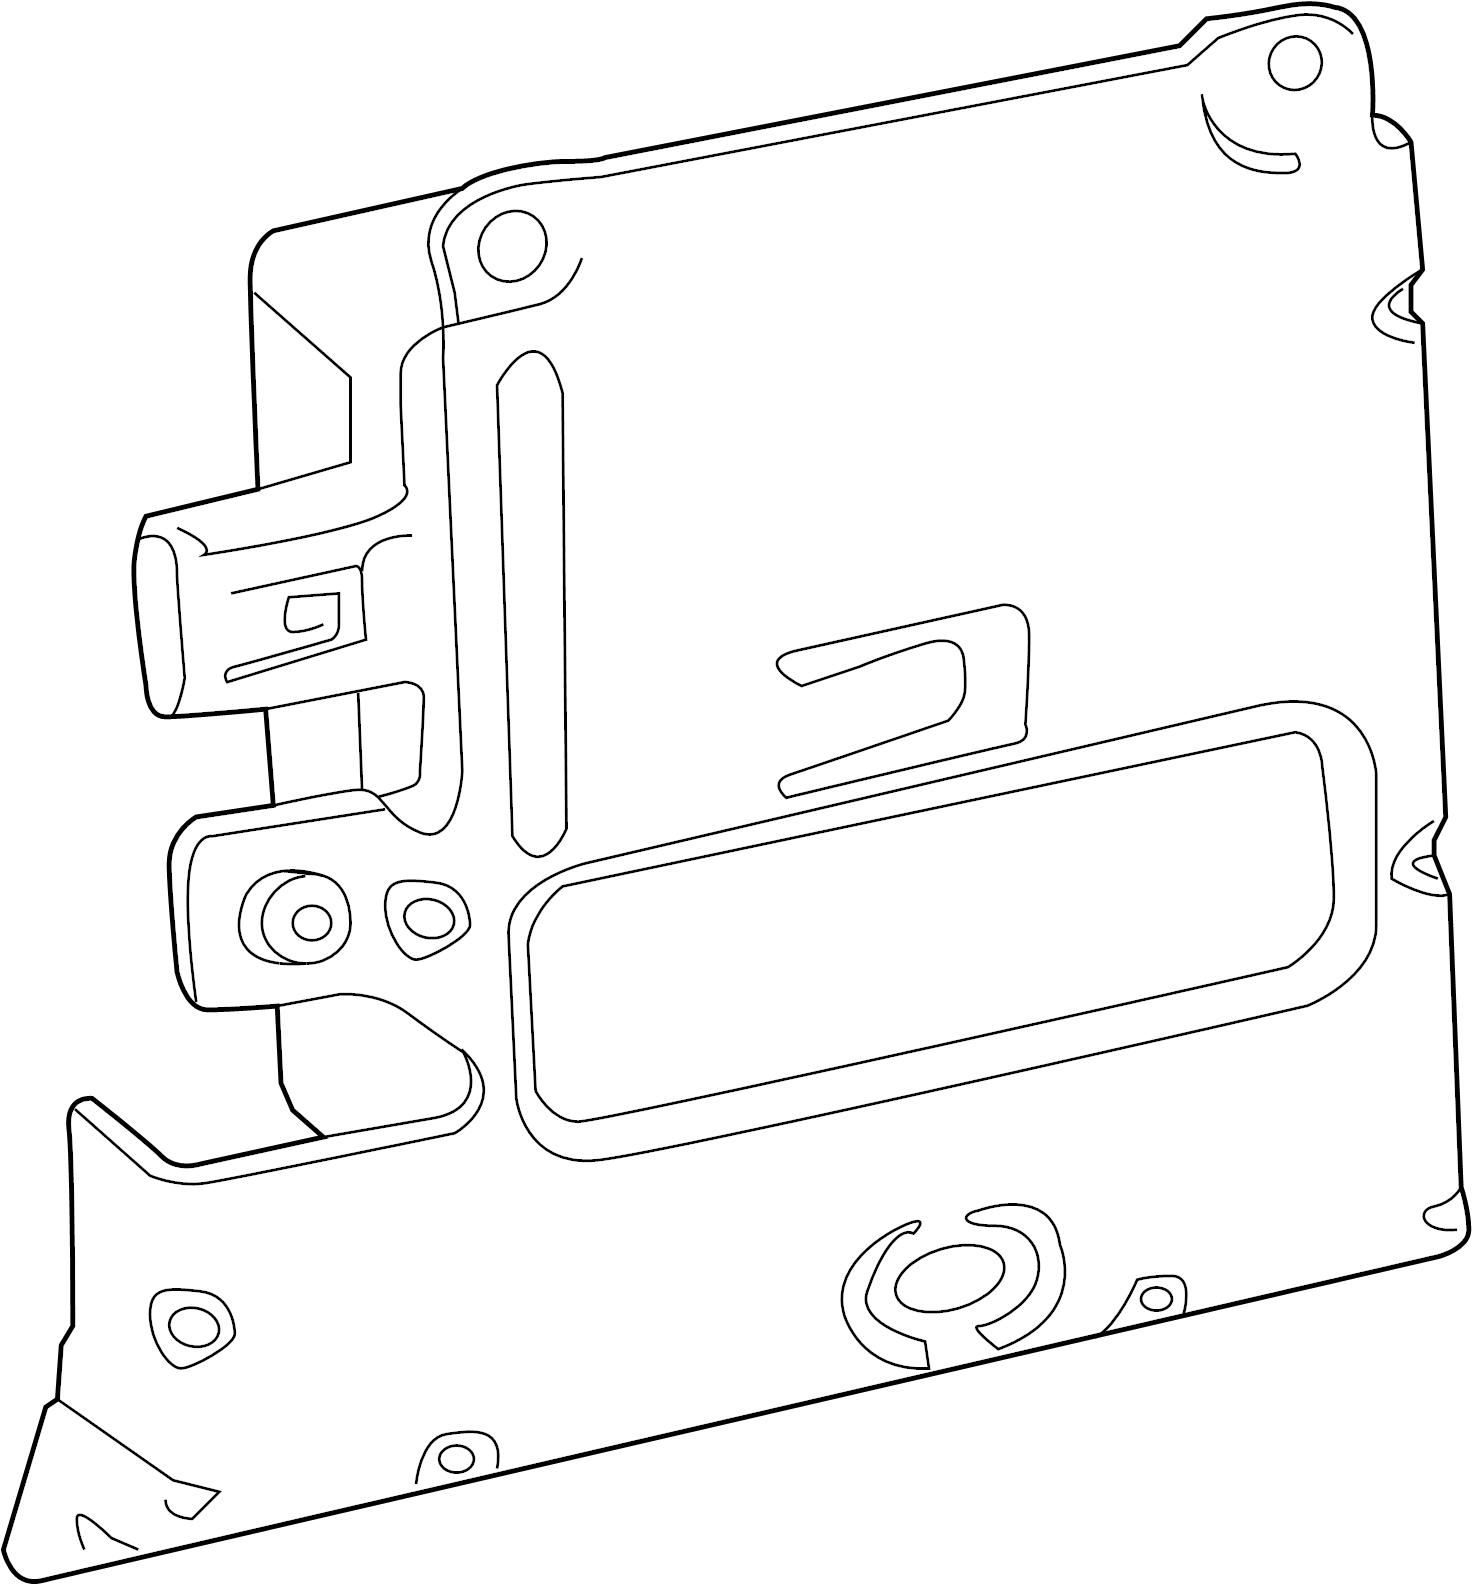 Jaguar Xf Blind Spot Detection System Warning Sensor